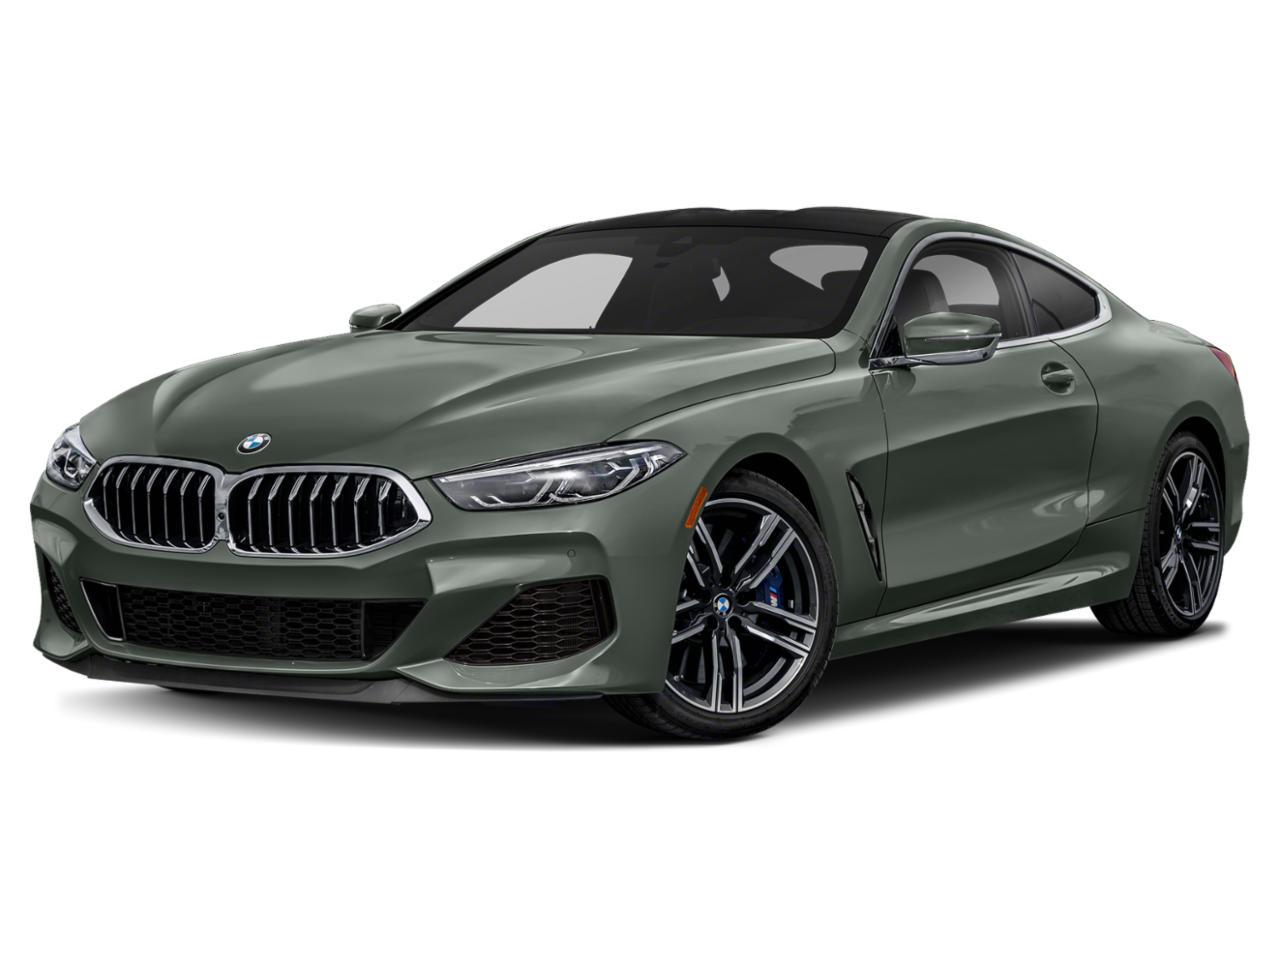 2019 BMW M850i xDrive Vehicle Photo in Pleasanton, CA 94588